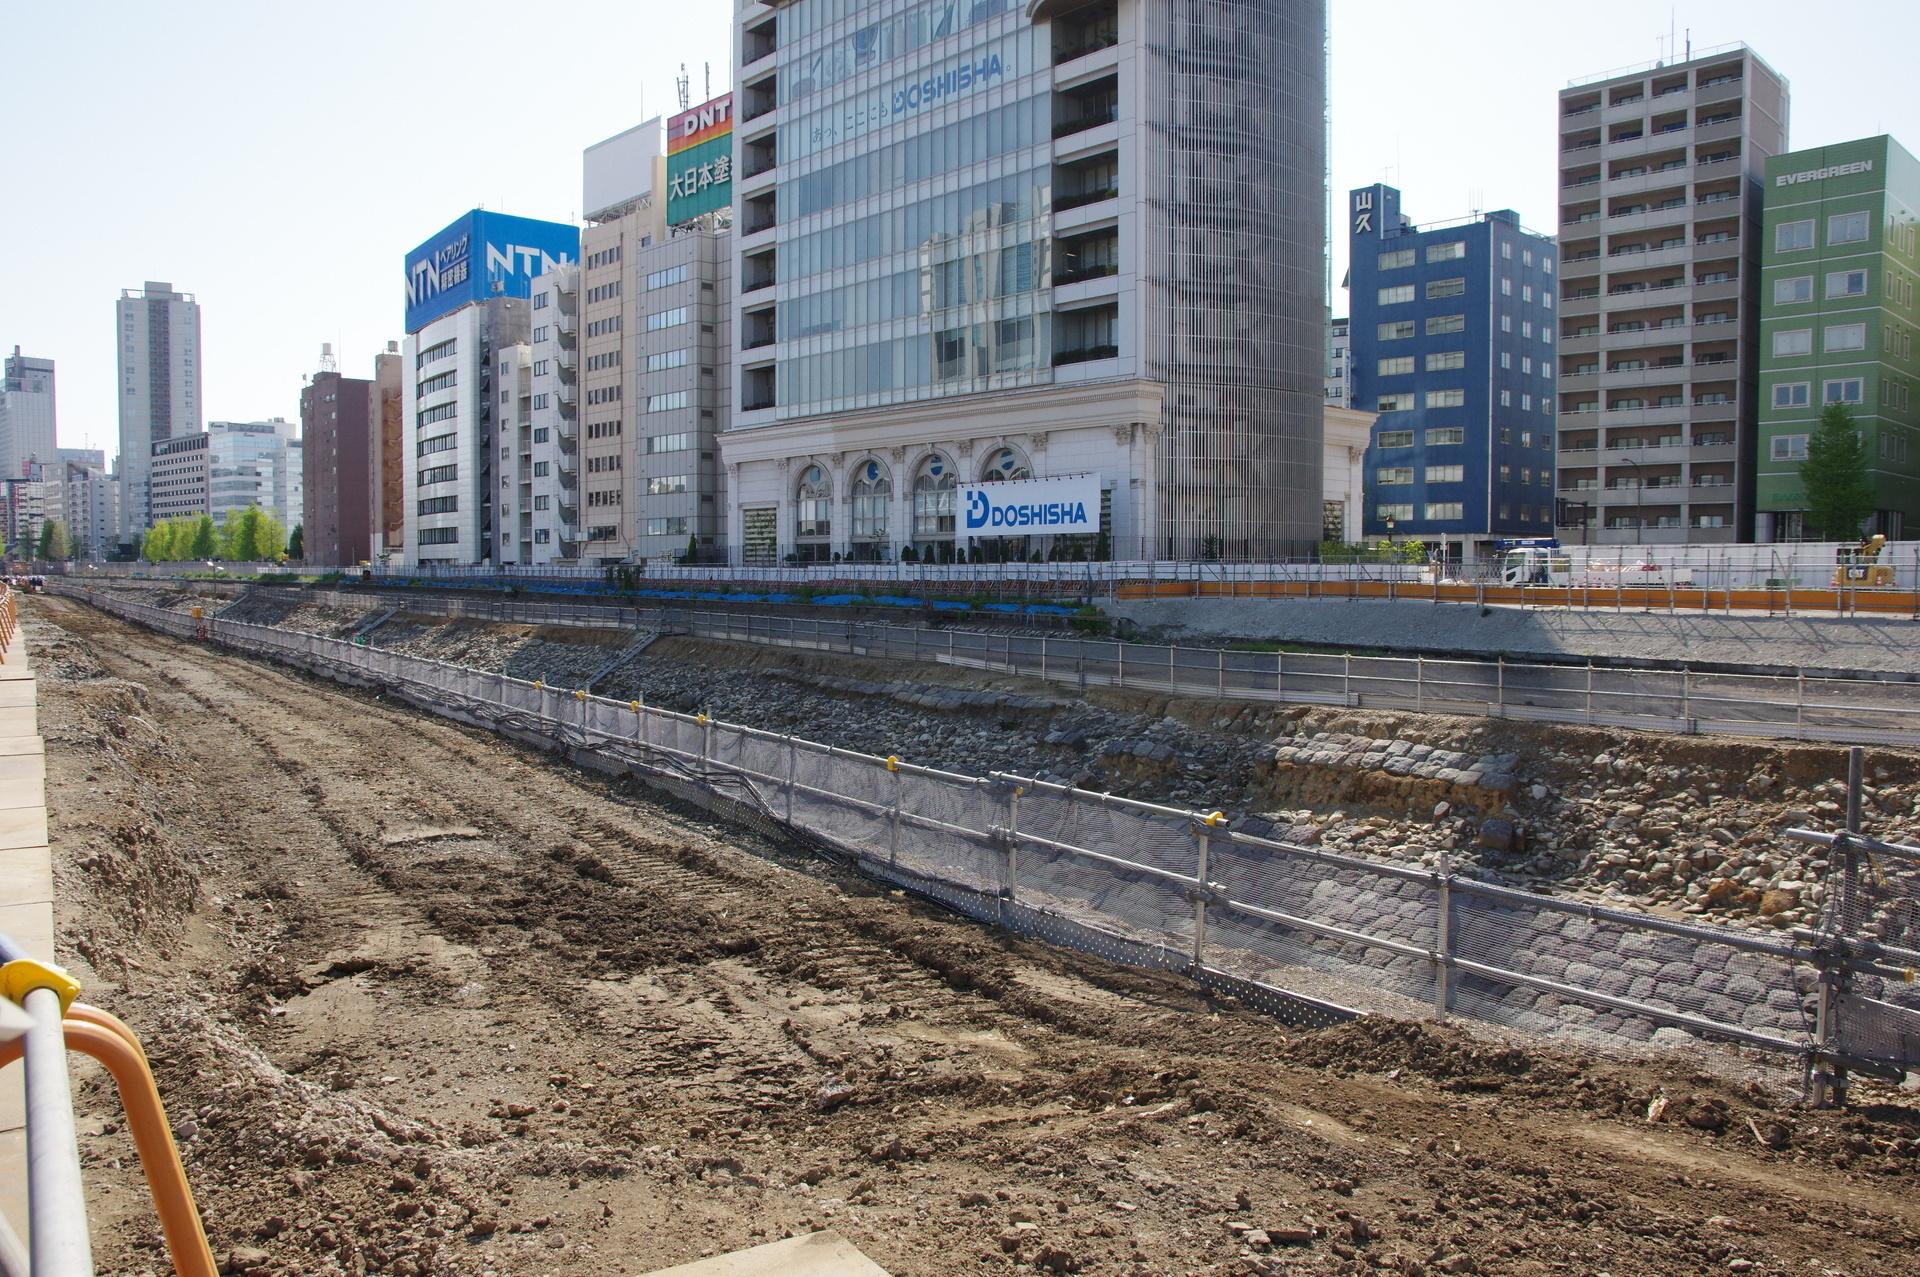 高輪築堤(4街区分)の全体像